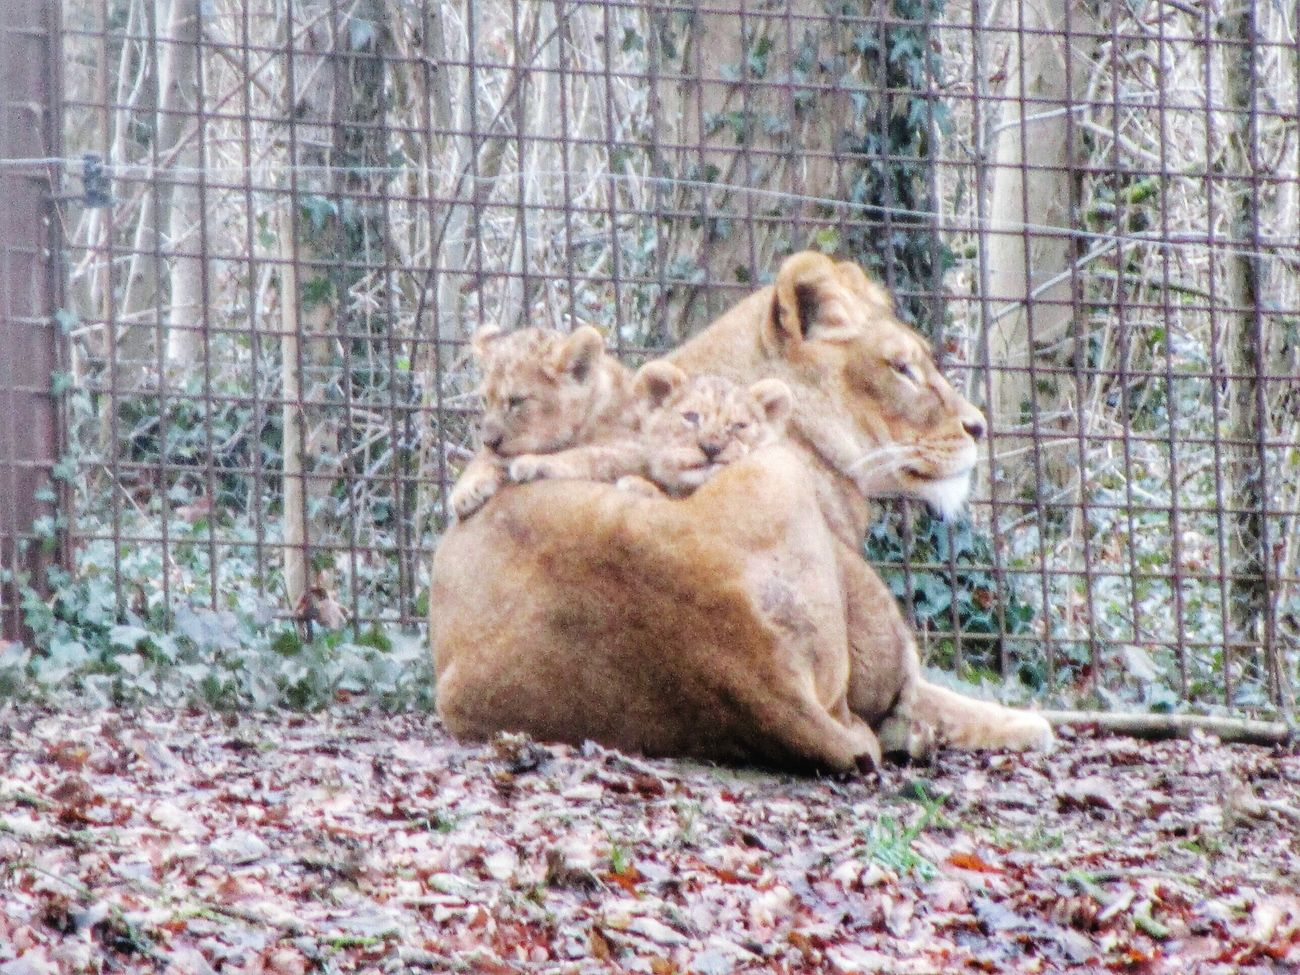 Animalposing Lionpups Animal Love Noedit GAIAZOO-KERKRADE